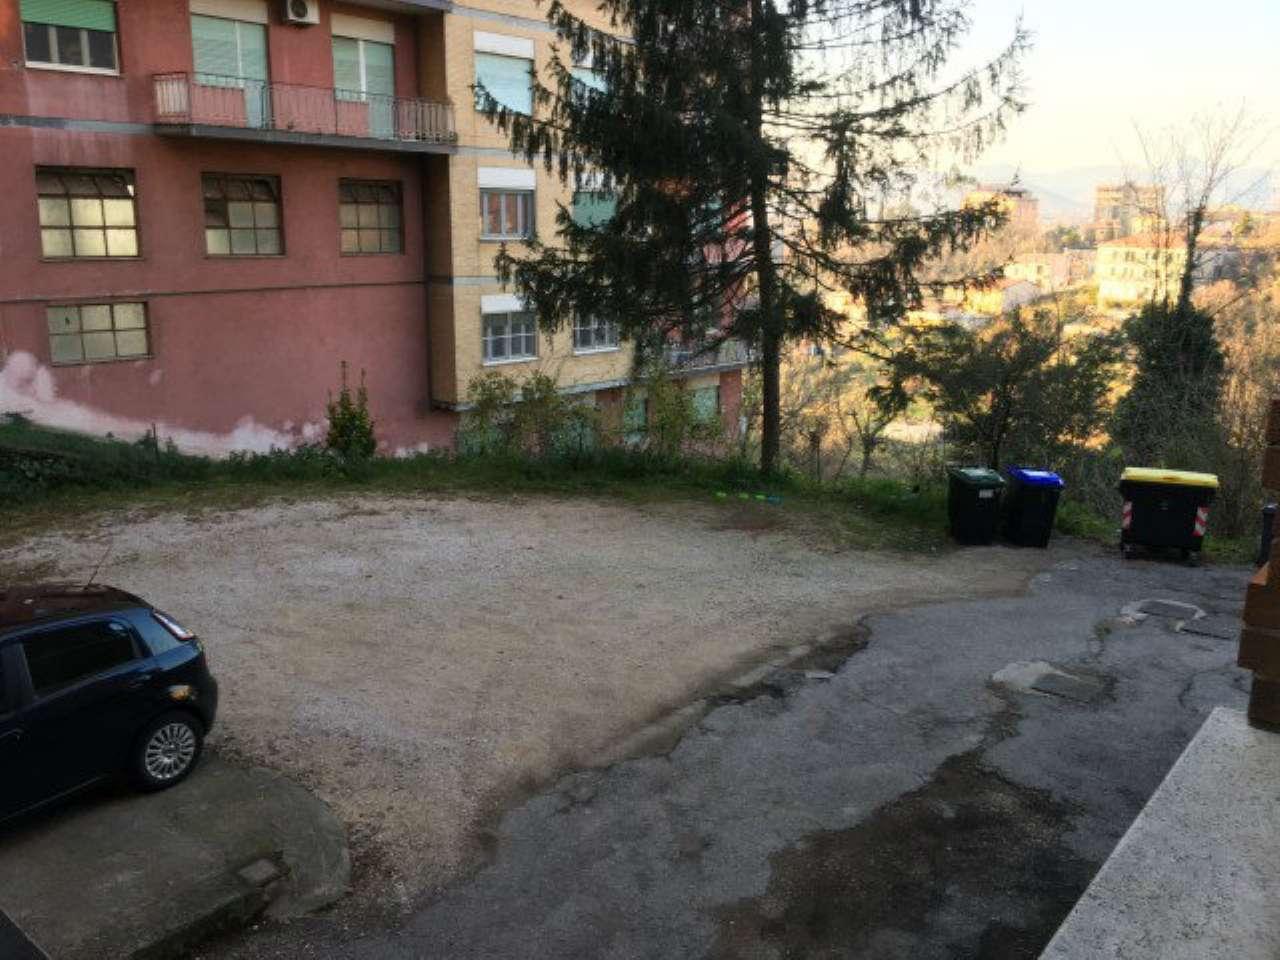 Trilocale, Viale America Latina, Frosinone, foto 9